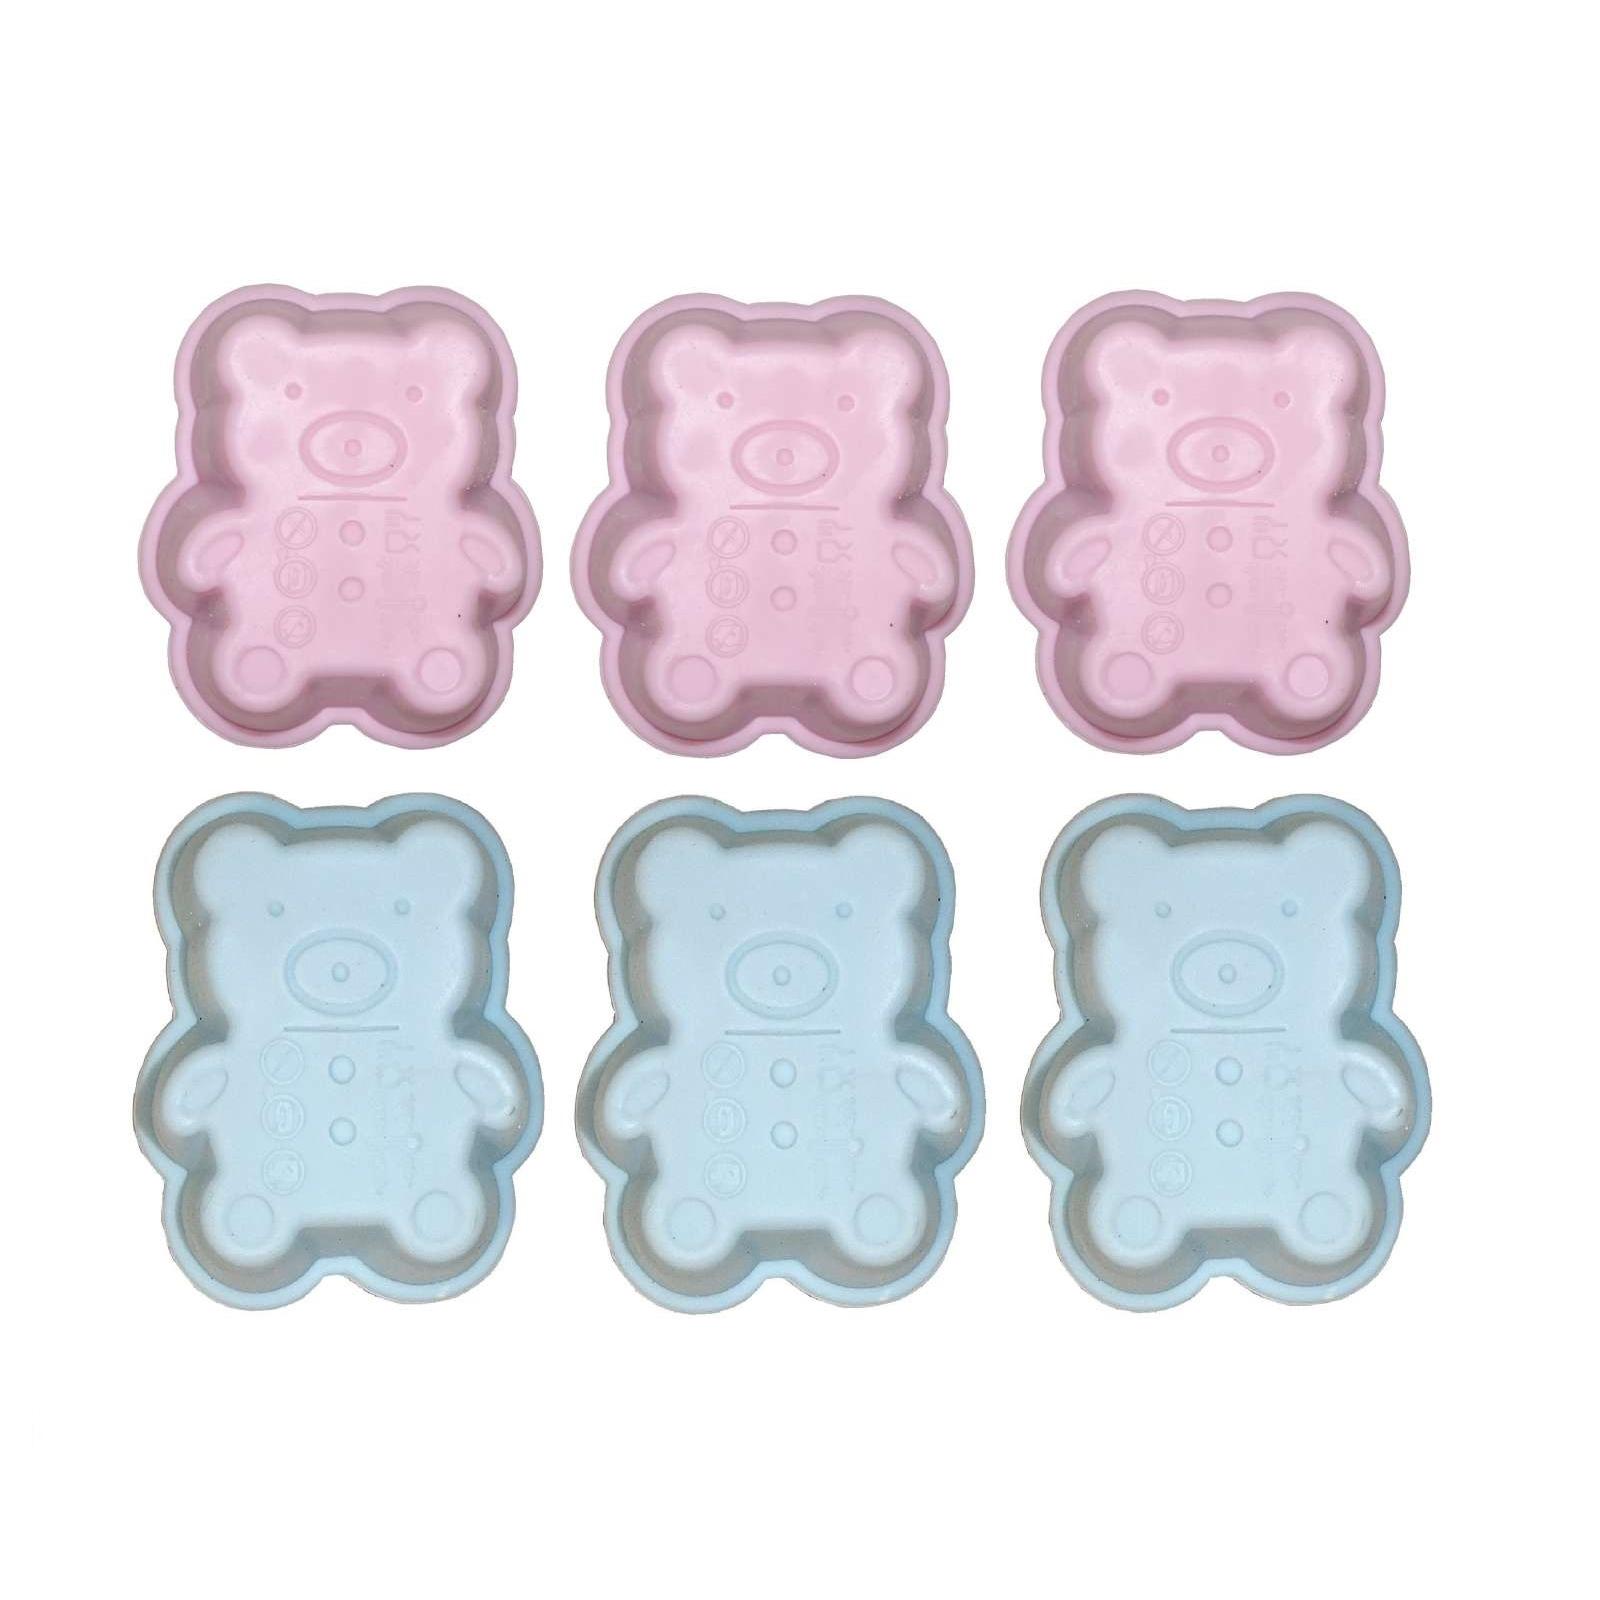 6er set mini silikon backform b rchen pink blau kuchenform. Black Bedroom Furniture Sets. Home Design Ideas